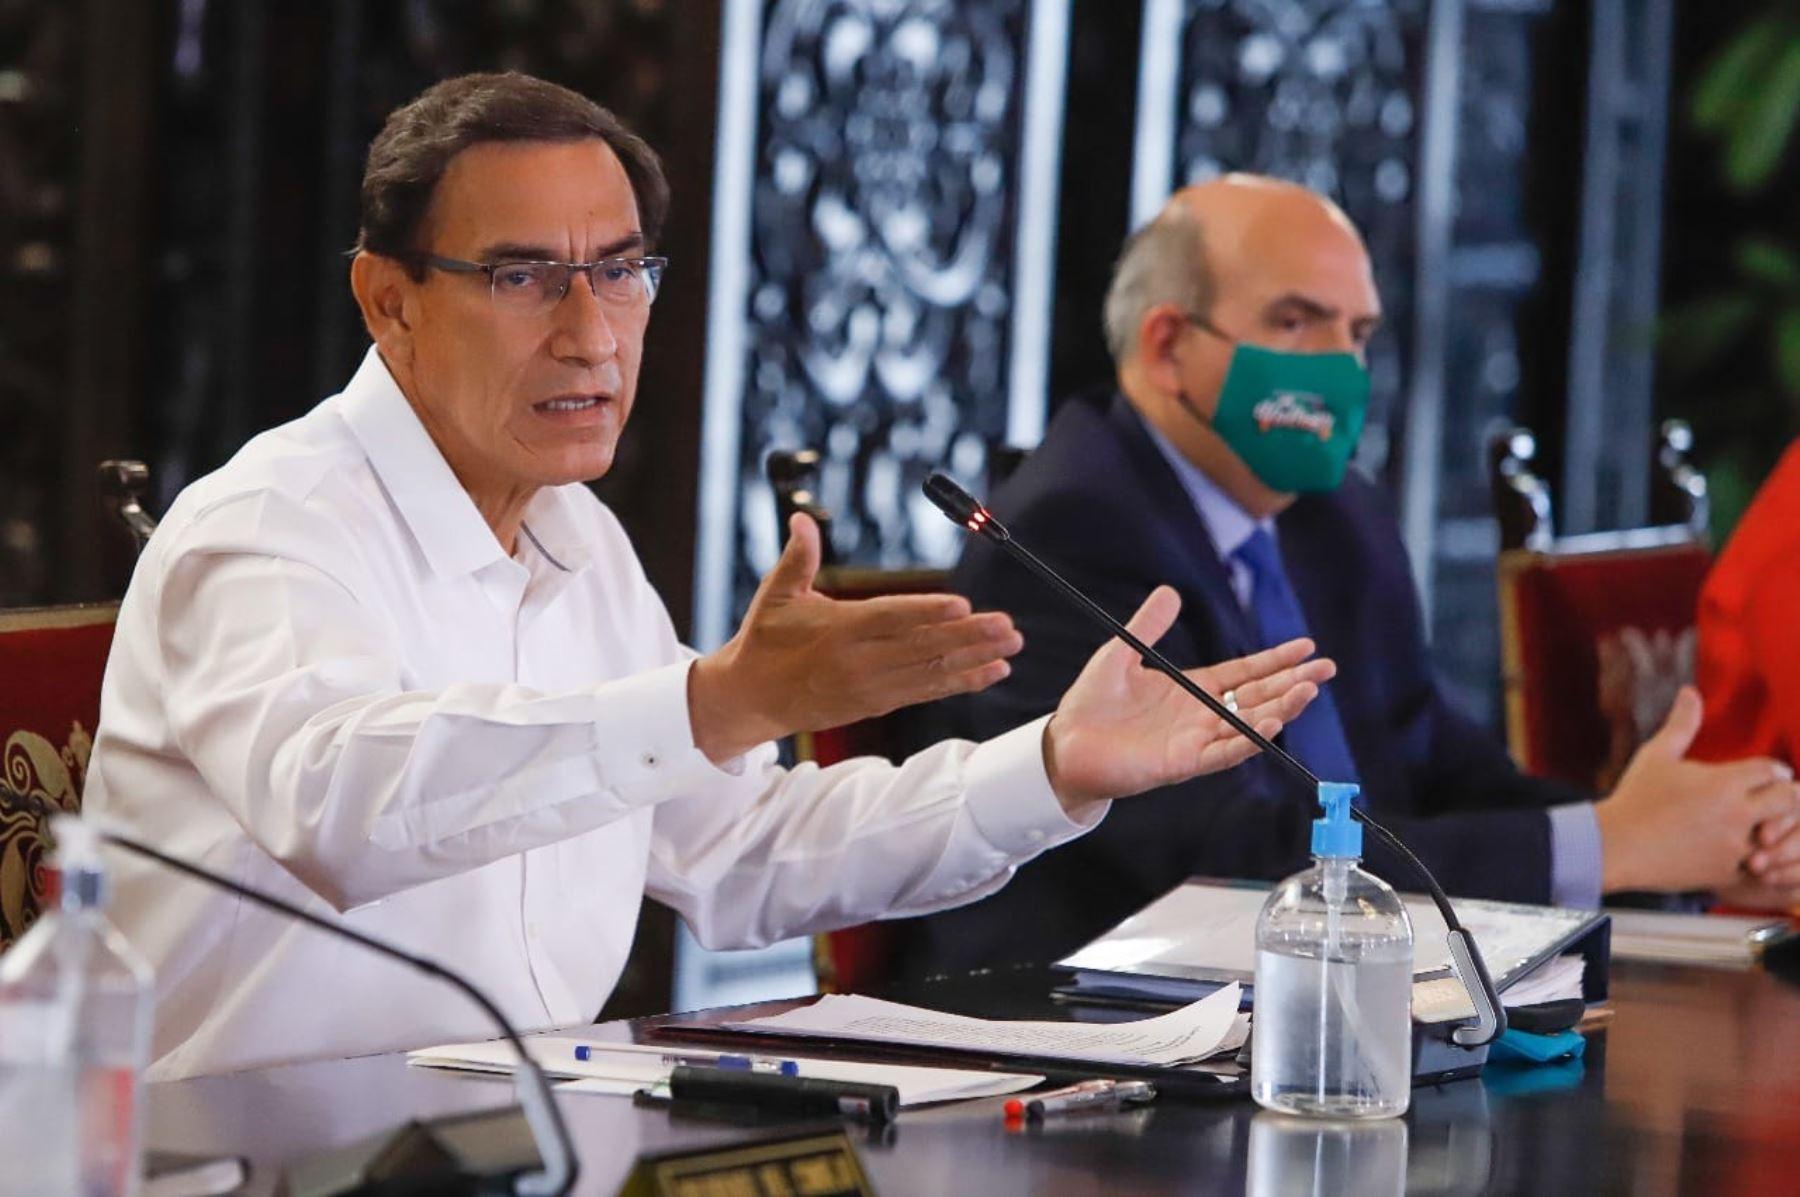 El presidente Martín Vizcarra y los miembros del gabinete ministerial, informan sobre las acciones del Ejecutivo y el Estado de Emergencia por el Covid-19. Foto: ANDINA/ Prensa Presidencia